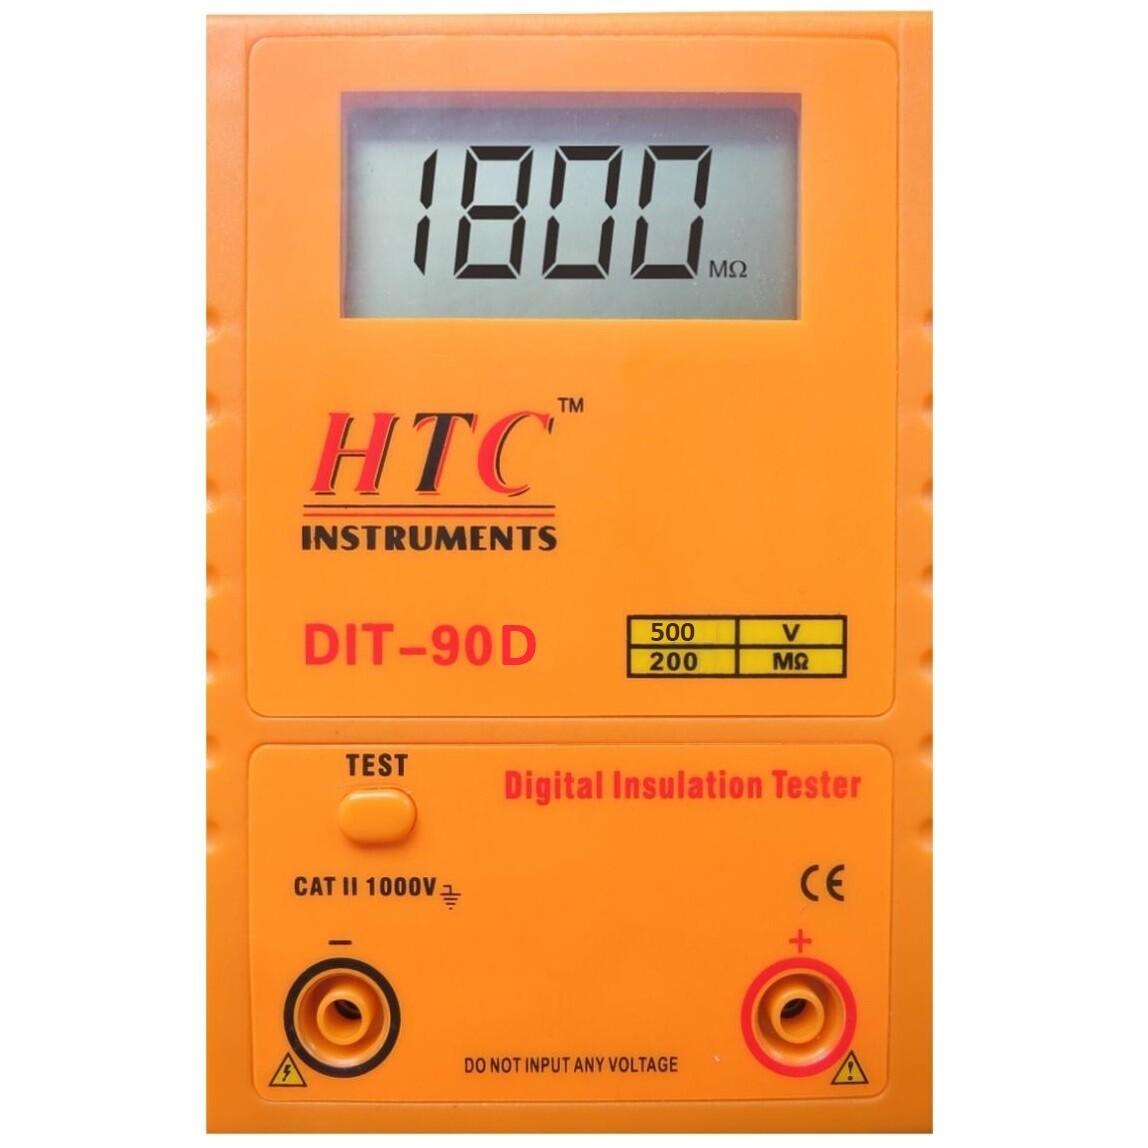 HTC DIT-90D Digital Insulation Tester 500V - 200MOhms